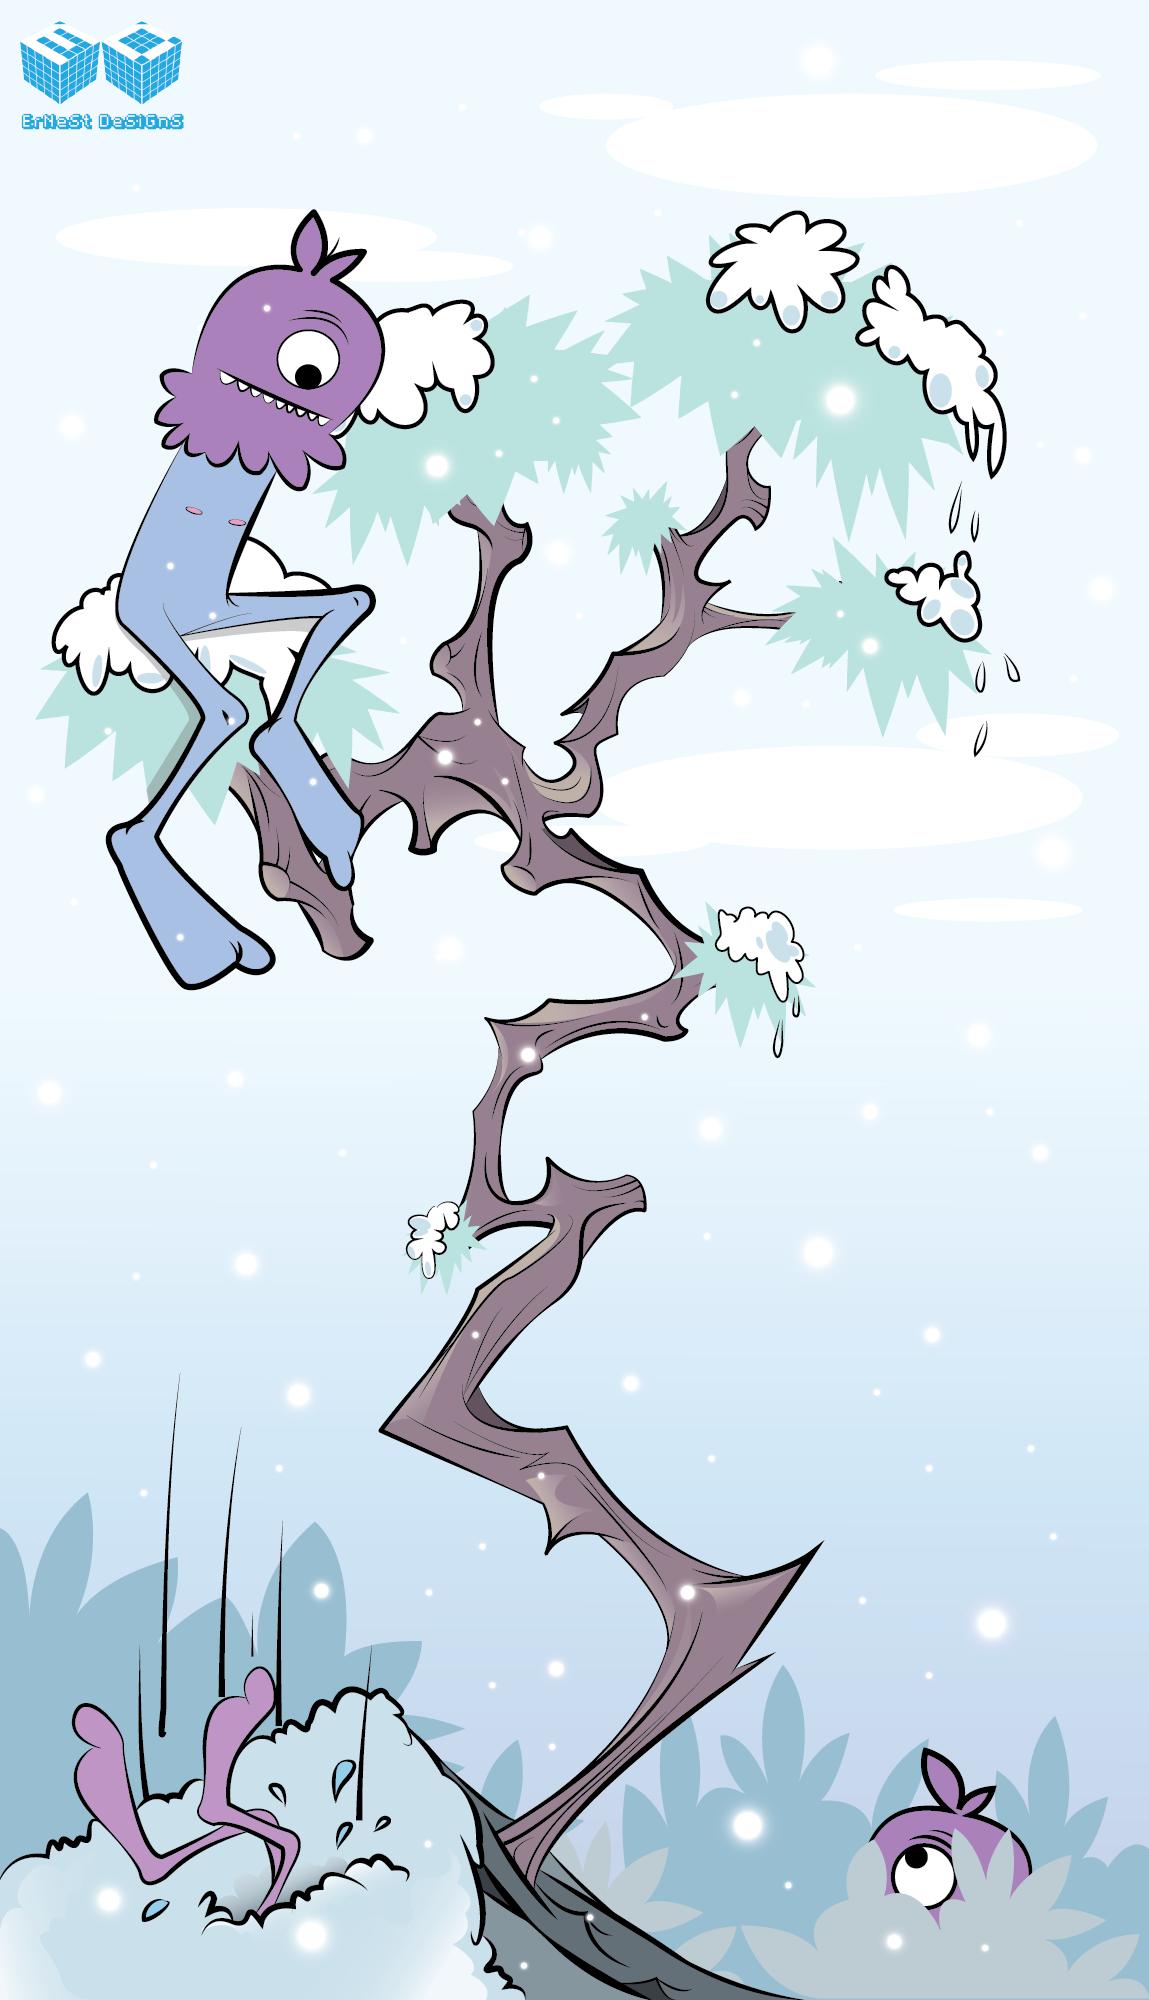 Furry bizzare purple winter